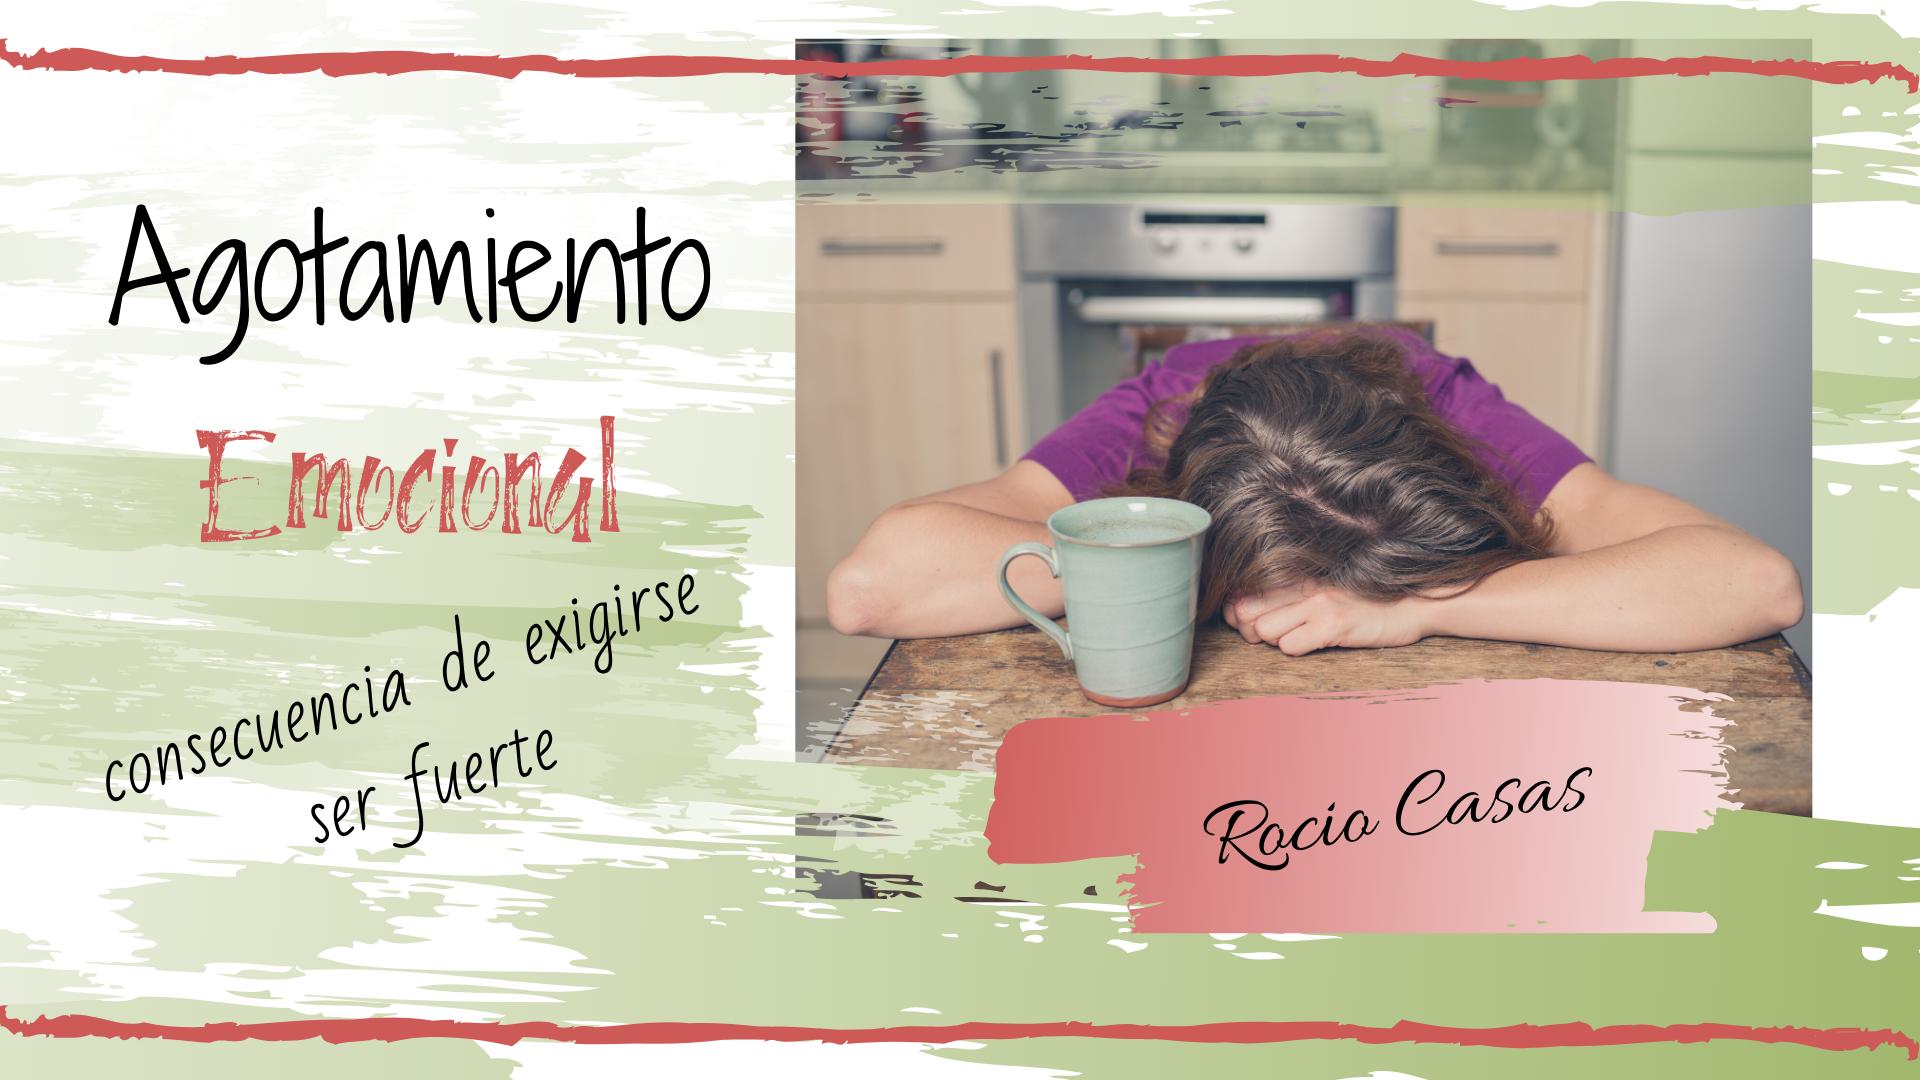 Agotamiento Emocional Rocio Casas